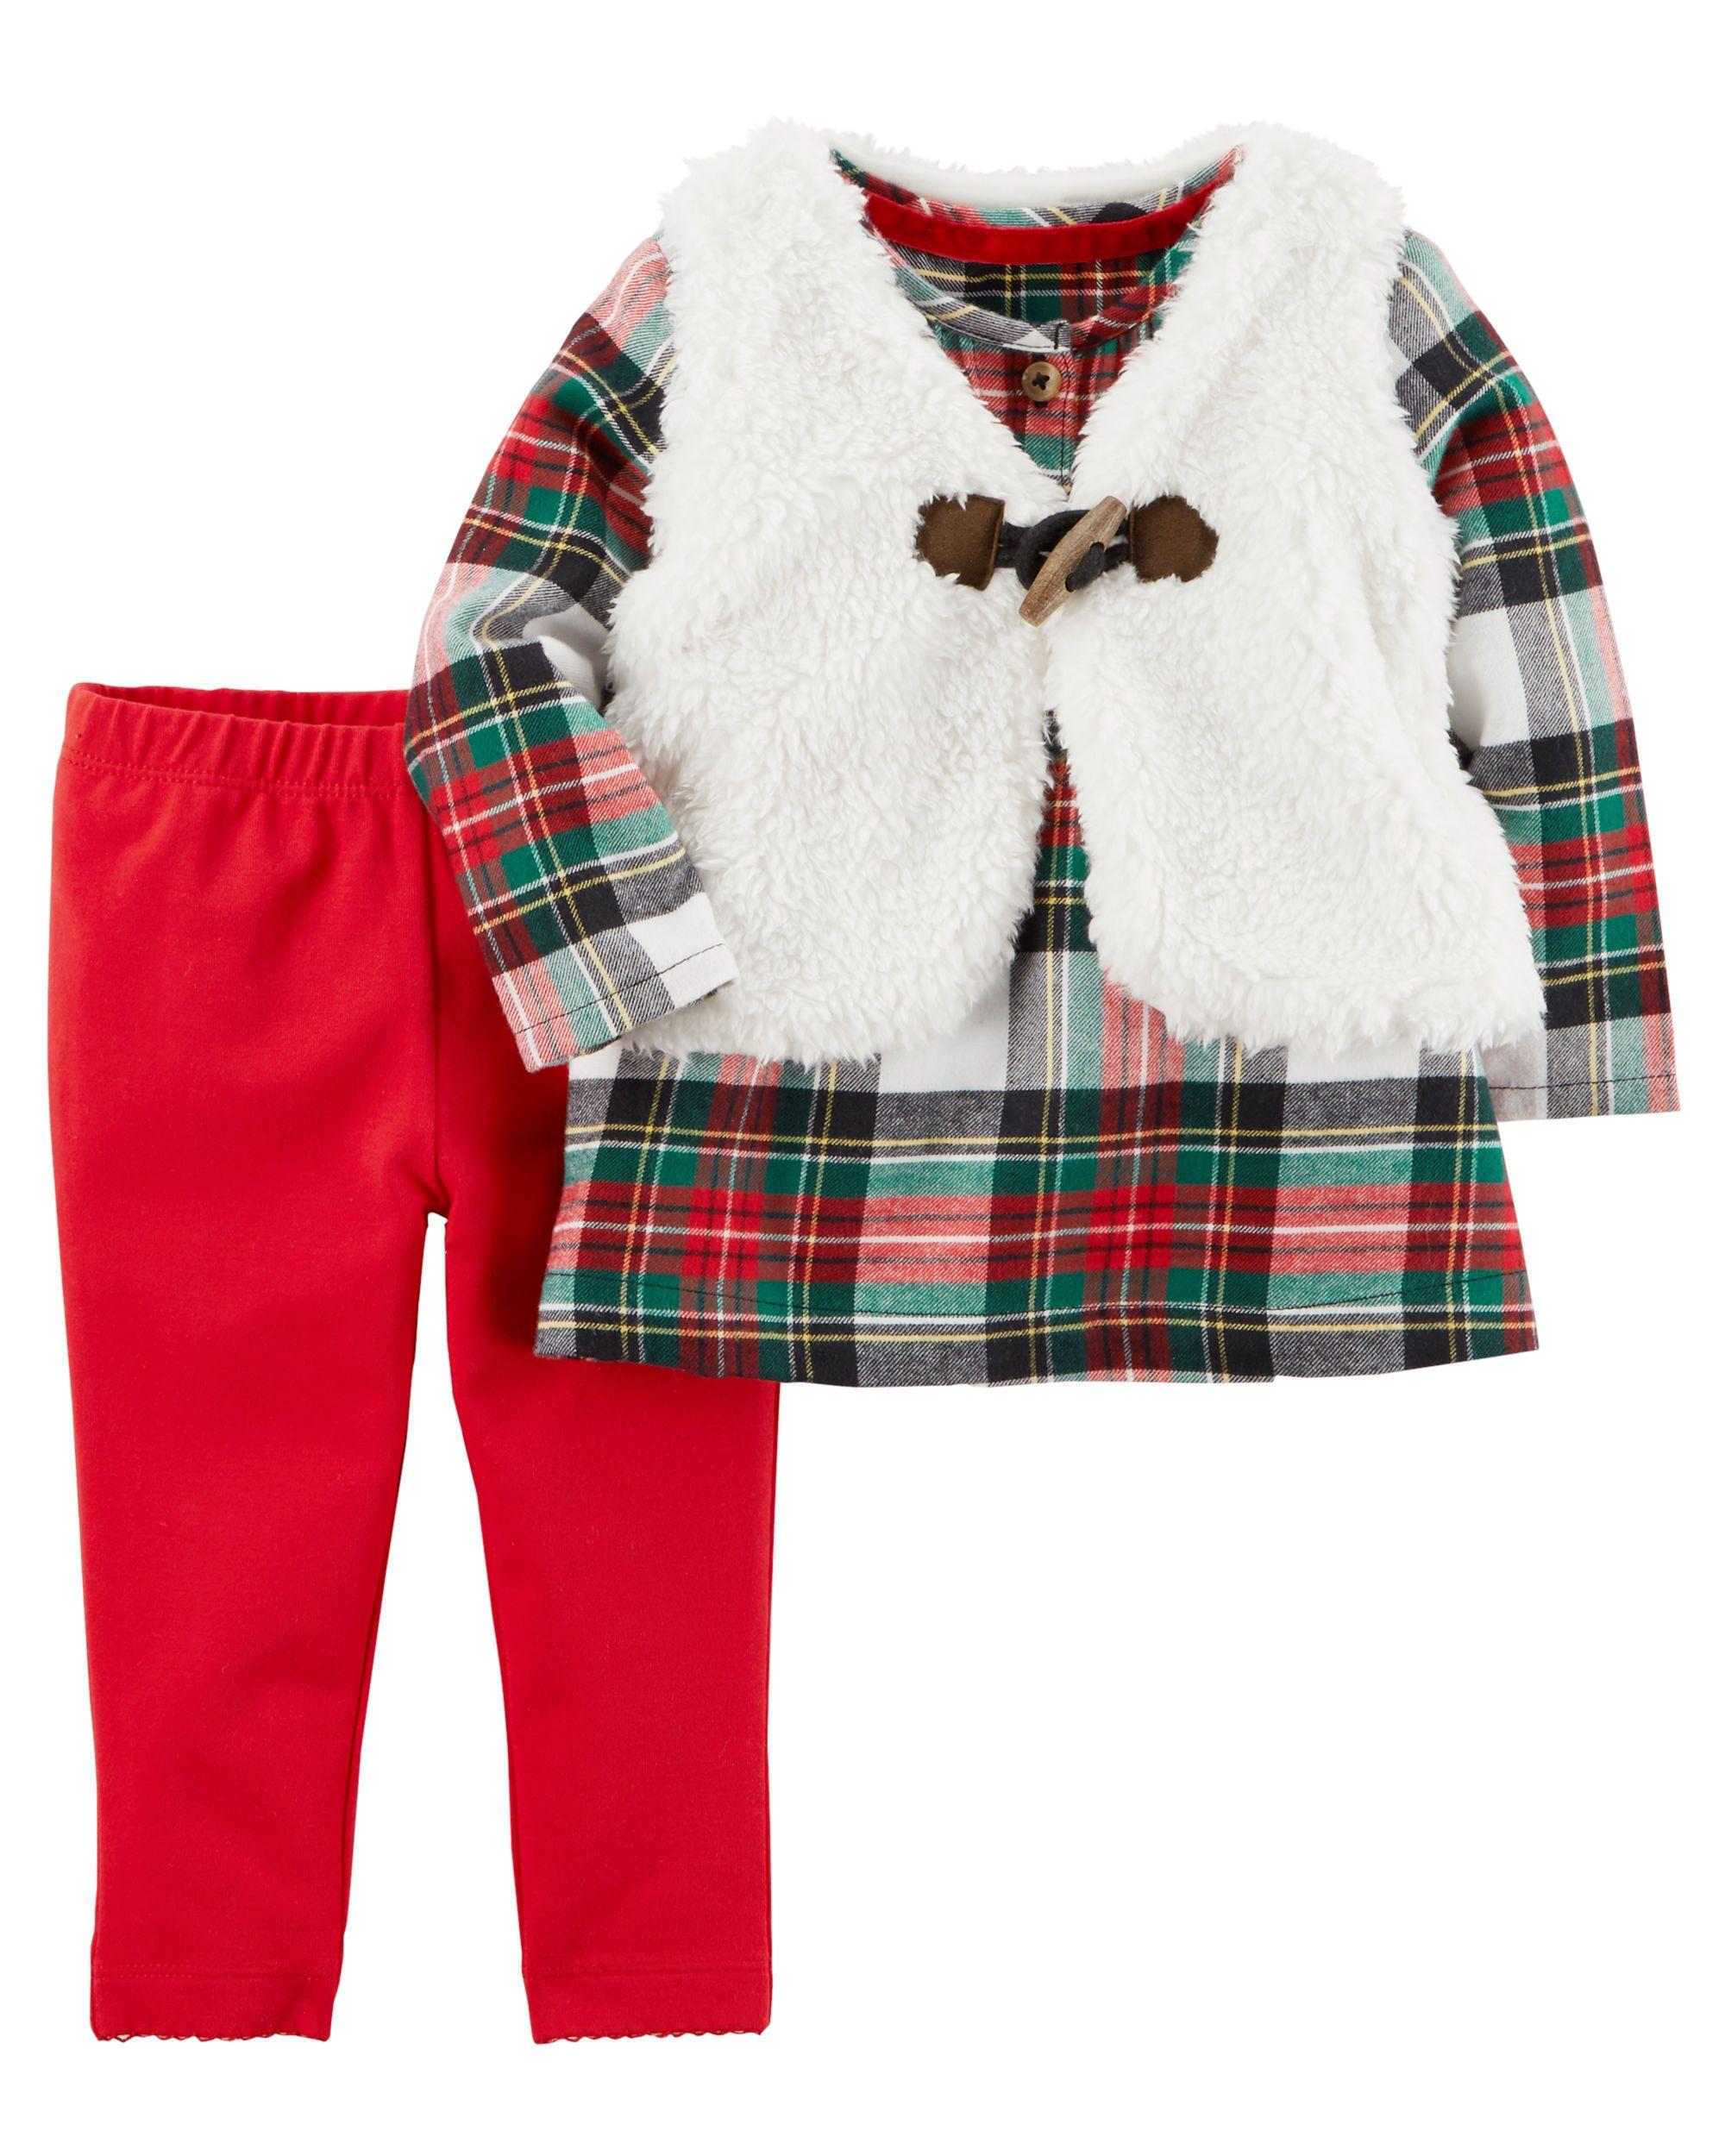 3 Piece Plaid Little Vest Set